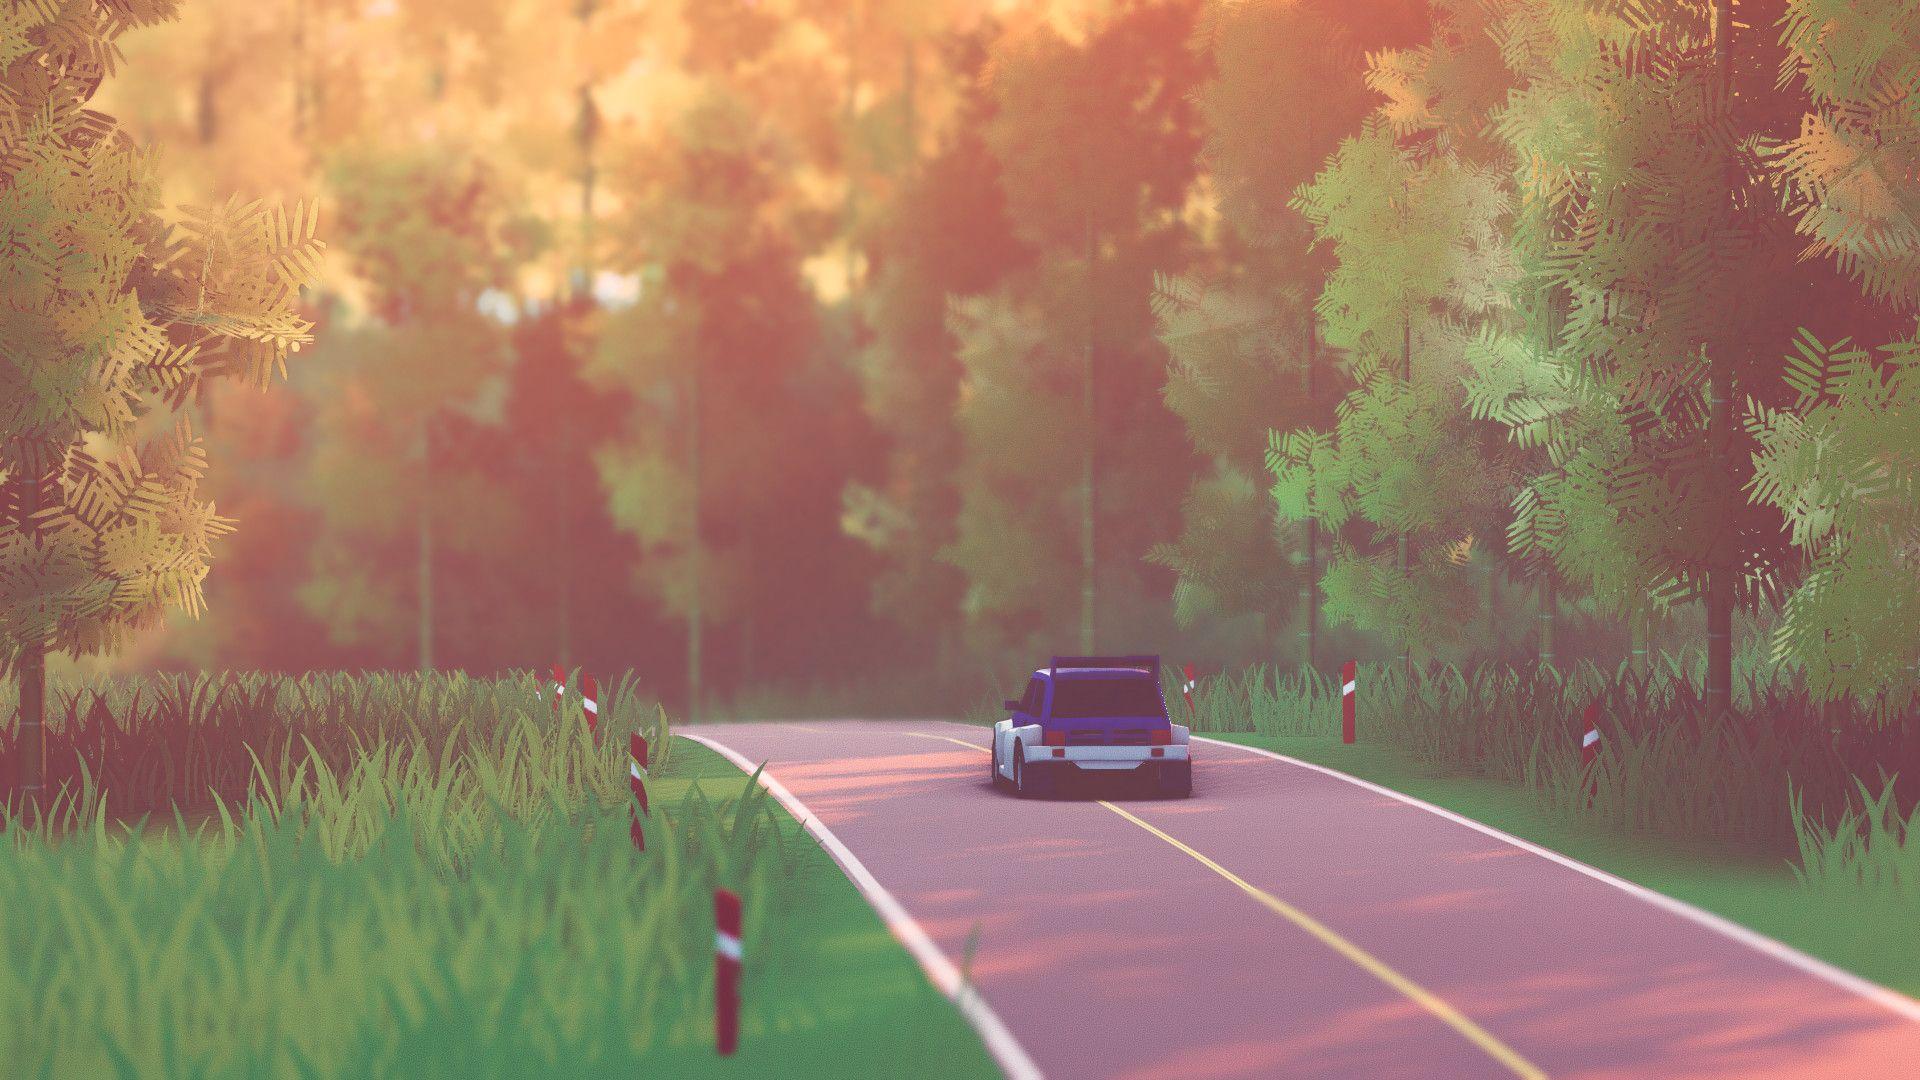 獨立競速遊戲《越野藝術 art of rally》將於今夏登上 PS4 / PS5 平台